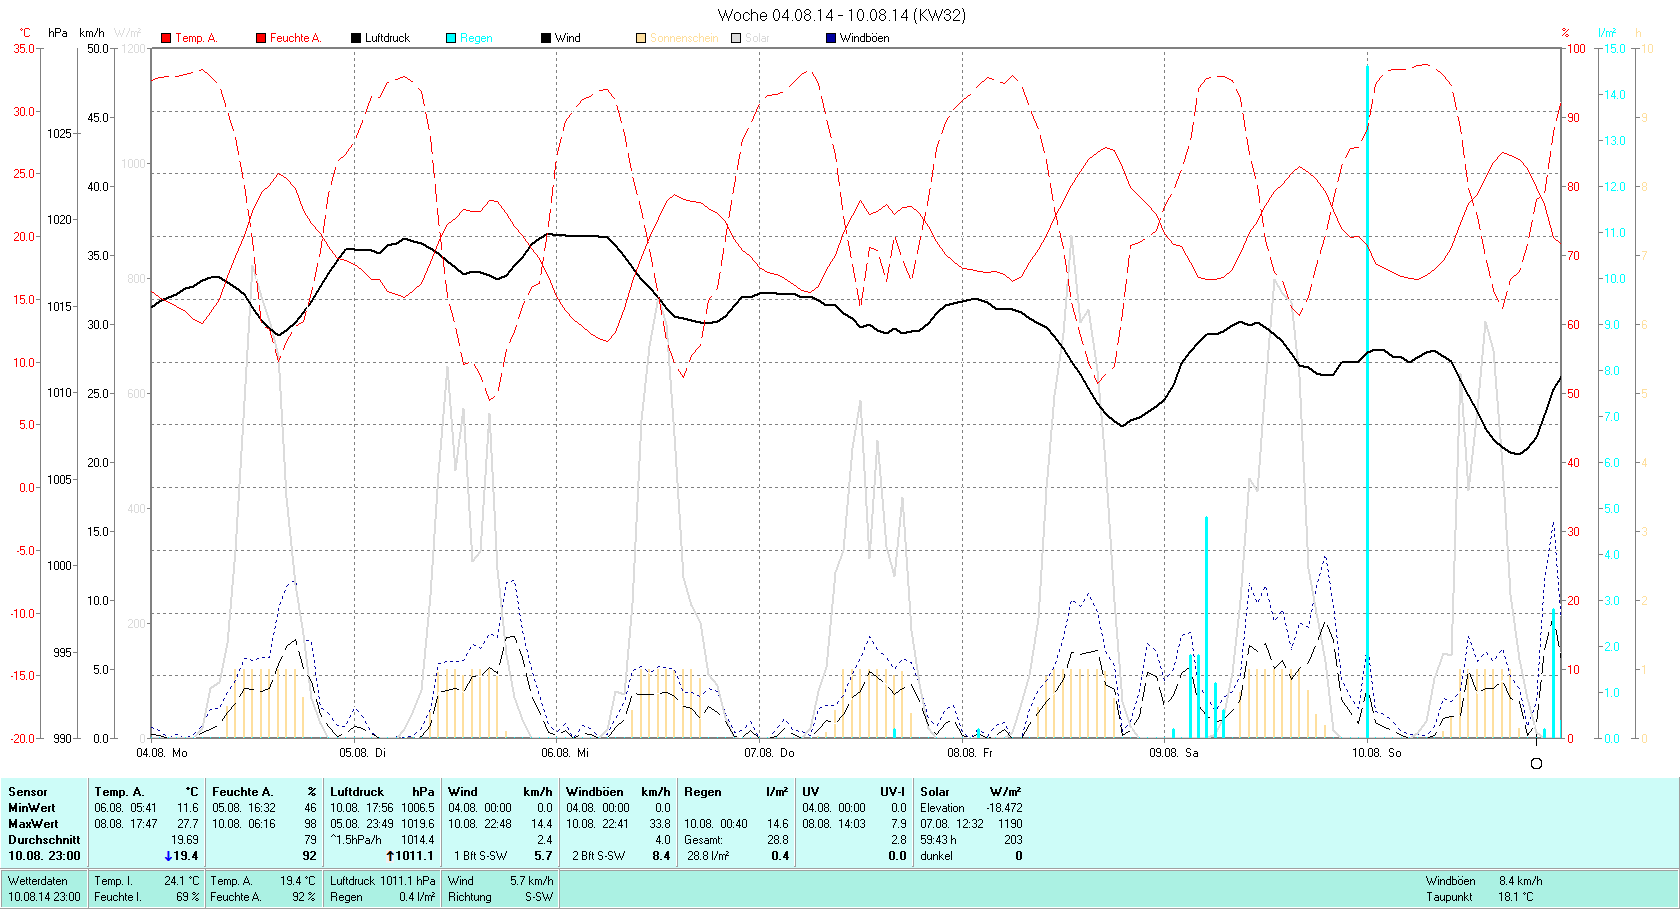 KW 32 Tmin 11.6°C, Tmax 27.7°C, Sonne 59:43h, Niederschlag 28.8mm/2